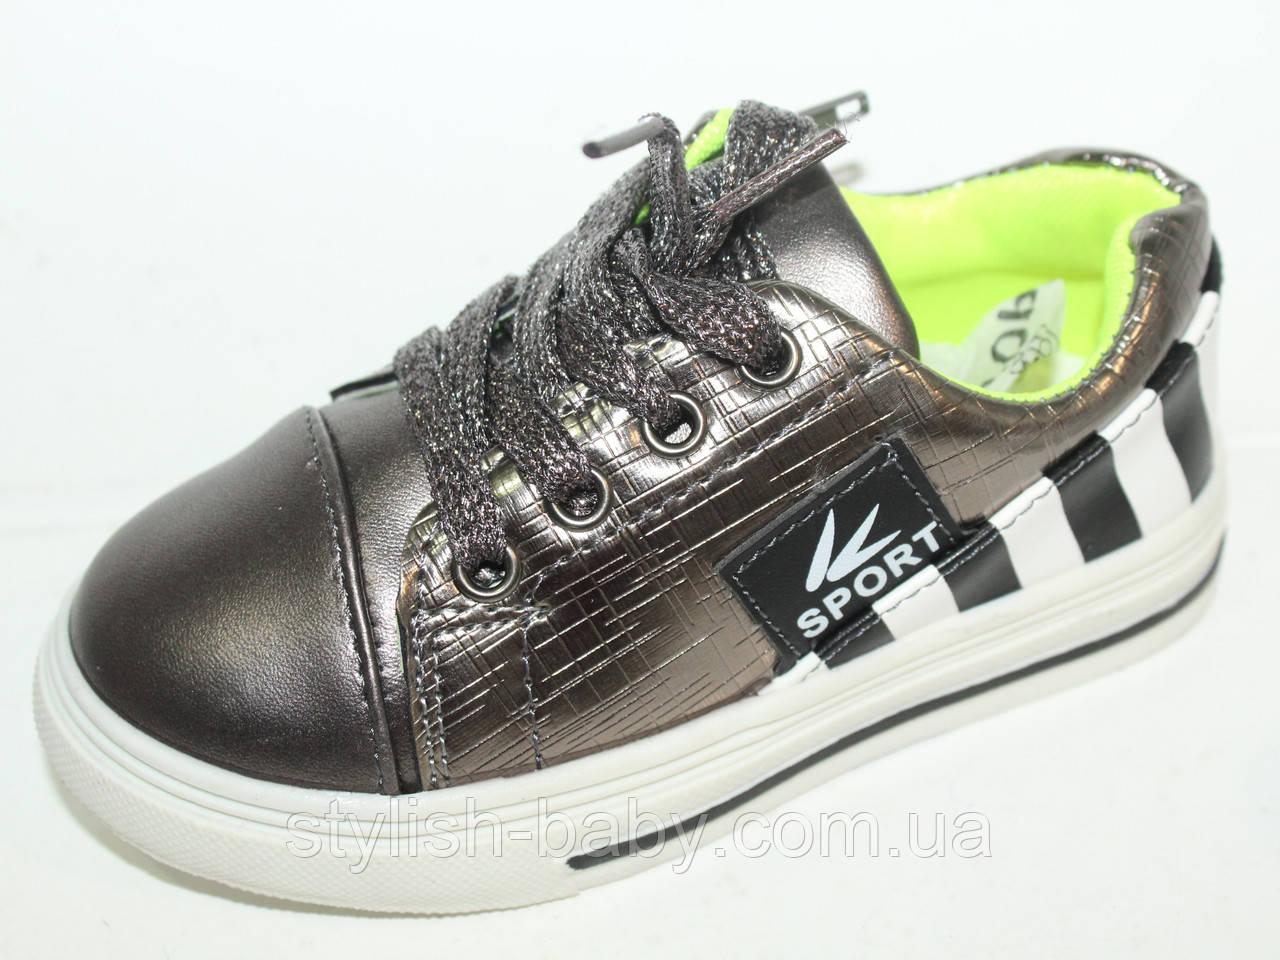 Детские кроссовки оптом. Детская спортивная обувь бренда Y.TOP для девочек (рр. с 26 по 31)